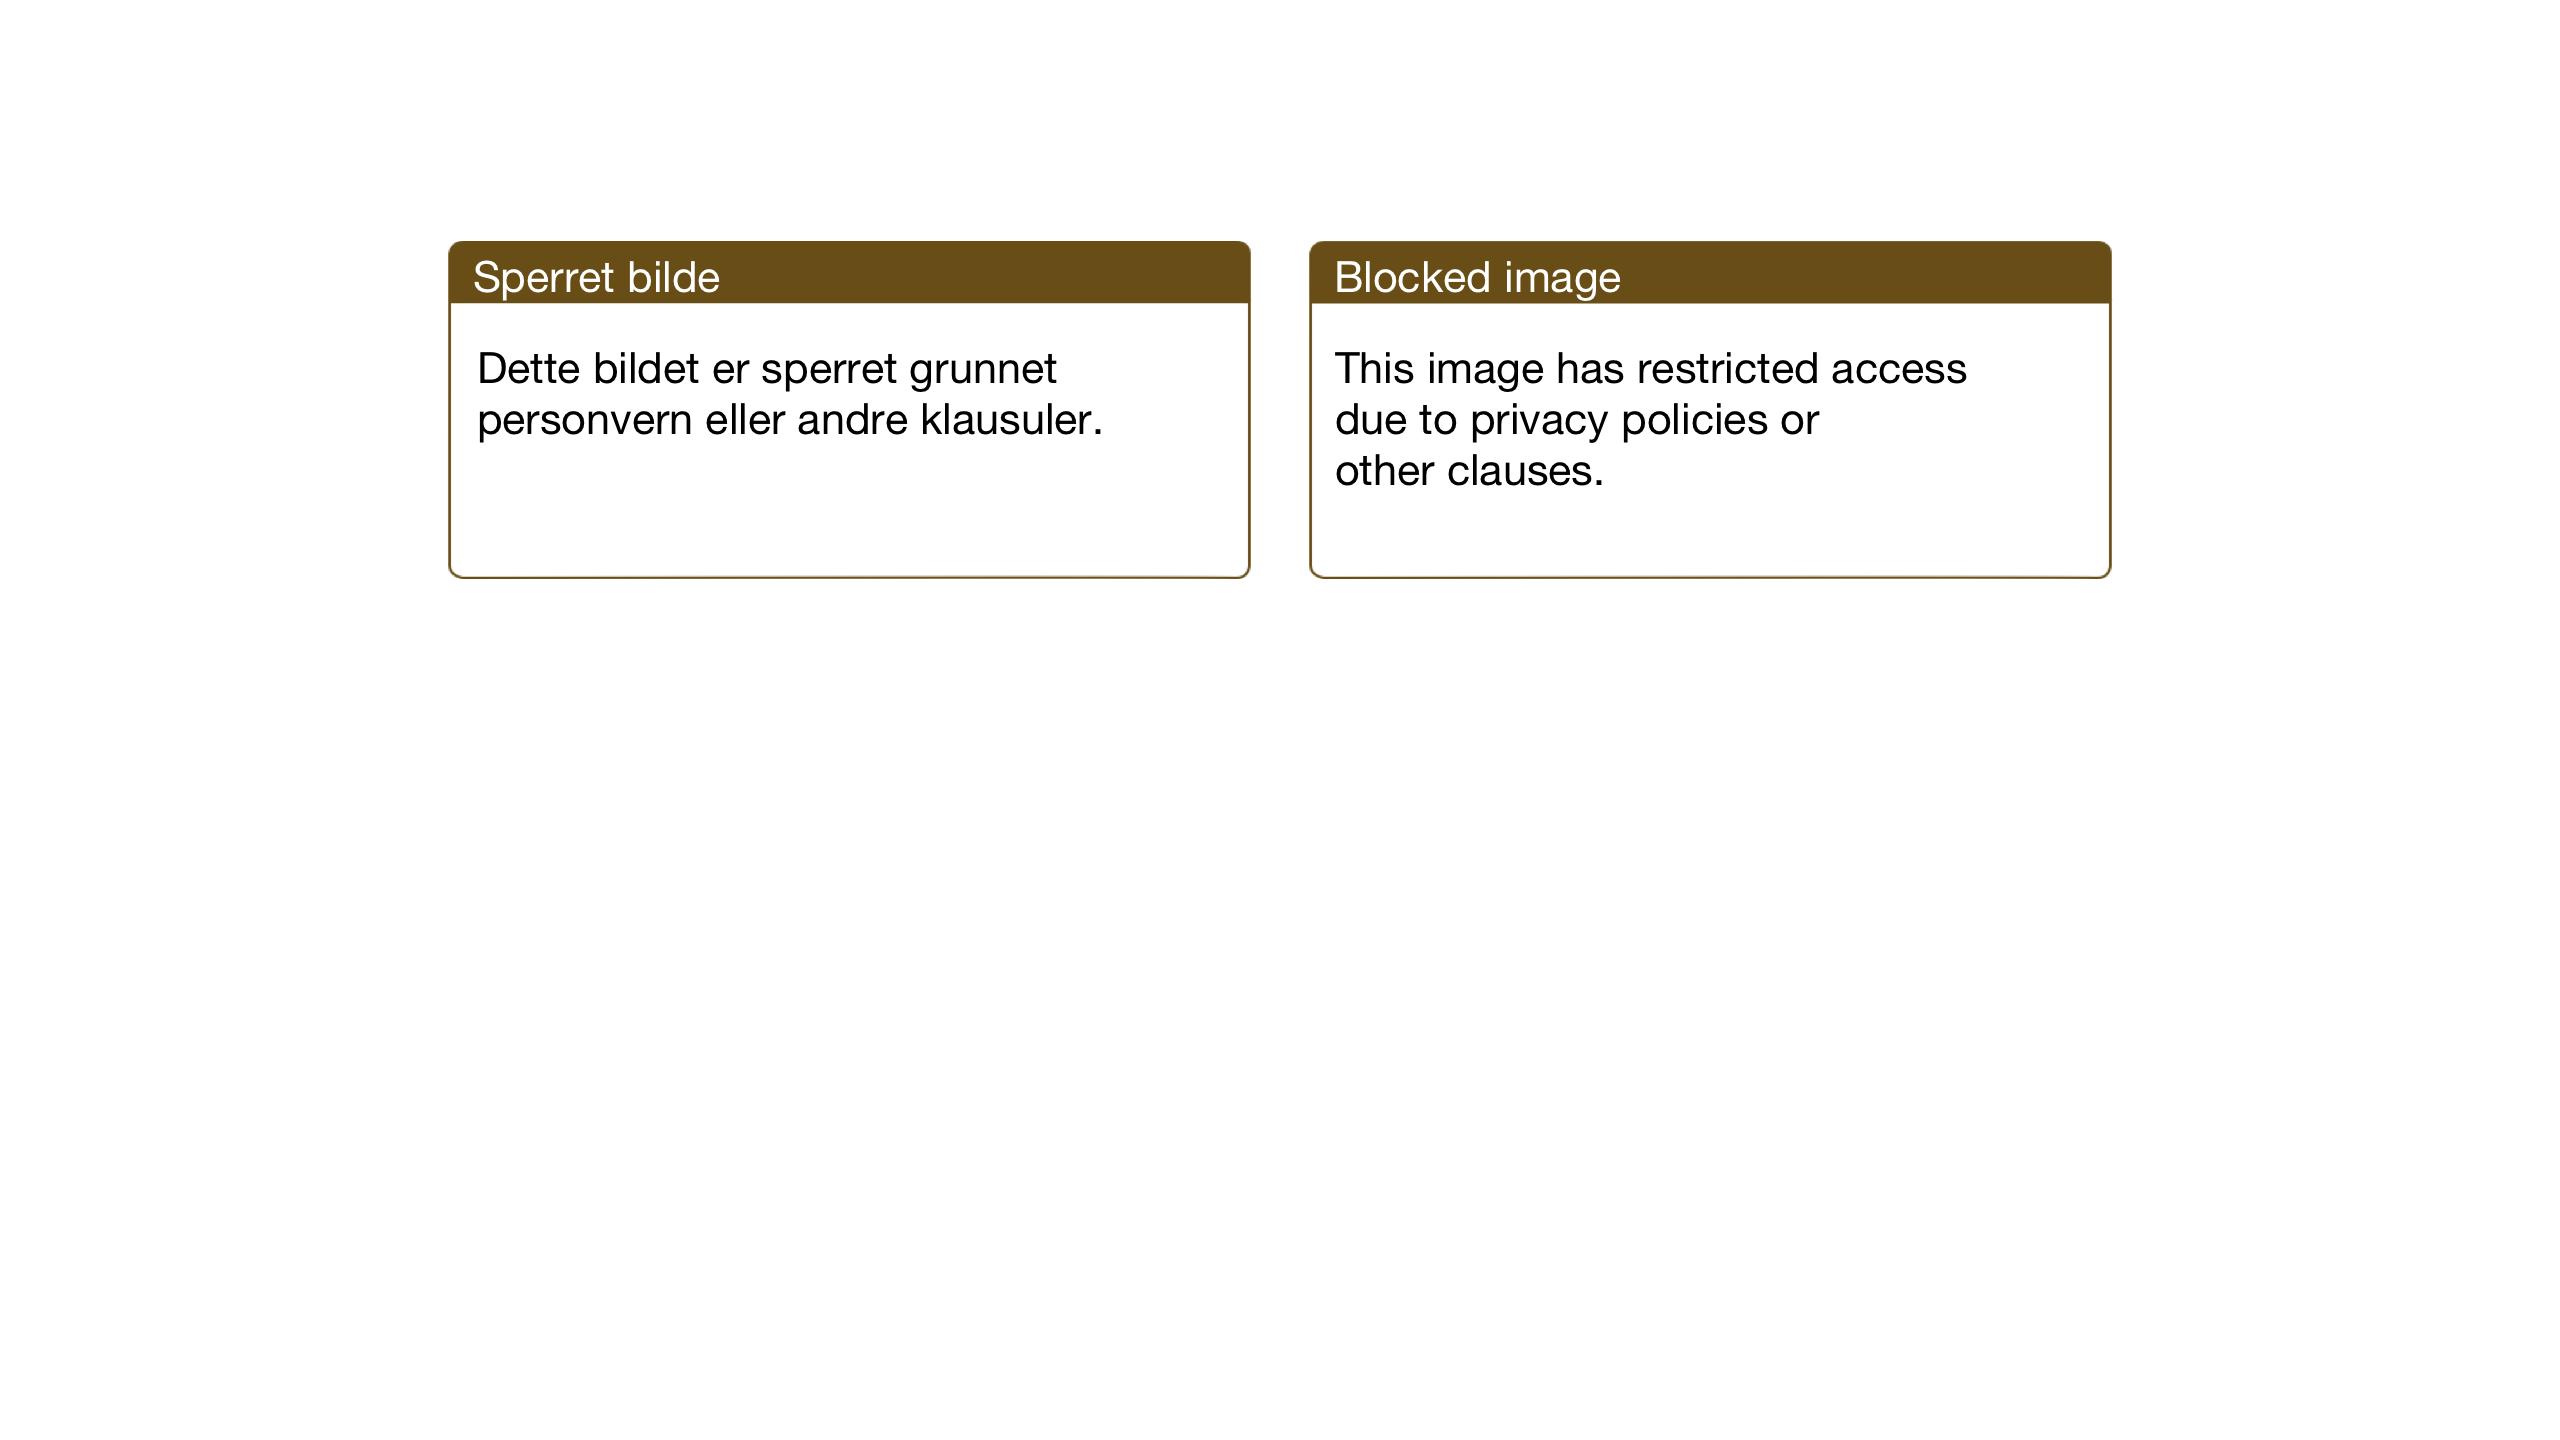 SAT, Ministerialprotokoller, klokkerbøker og fødselsregistre - Sør-Trøndelag, 698/L1169: Klokkerbok nr. 698C06, 1930-1949, s. 15